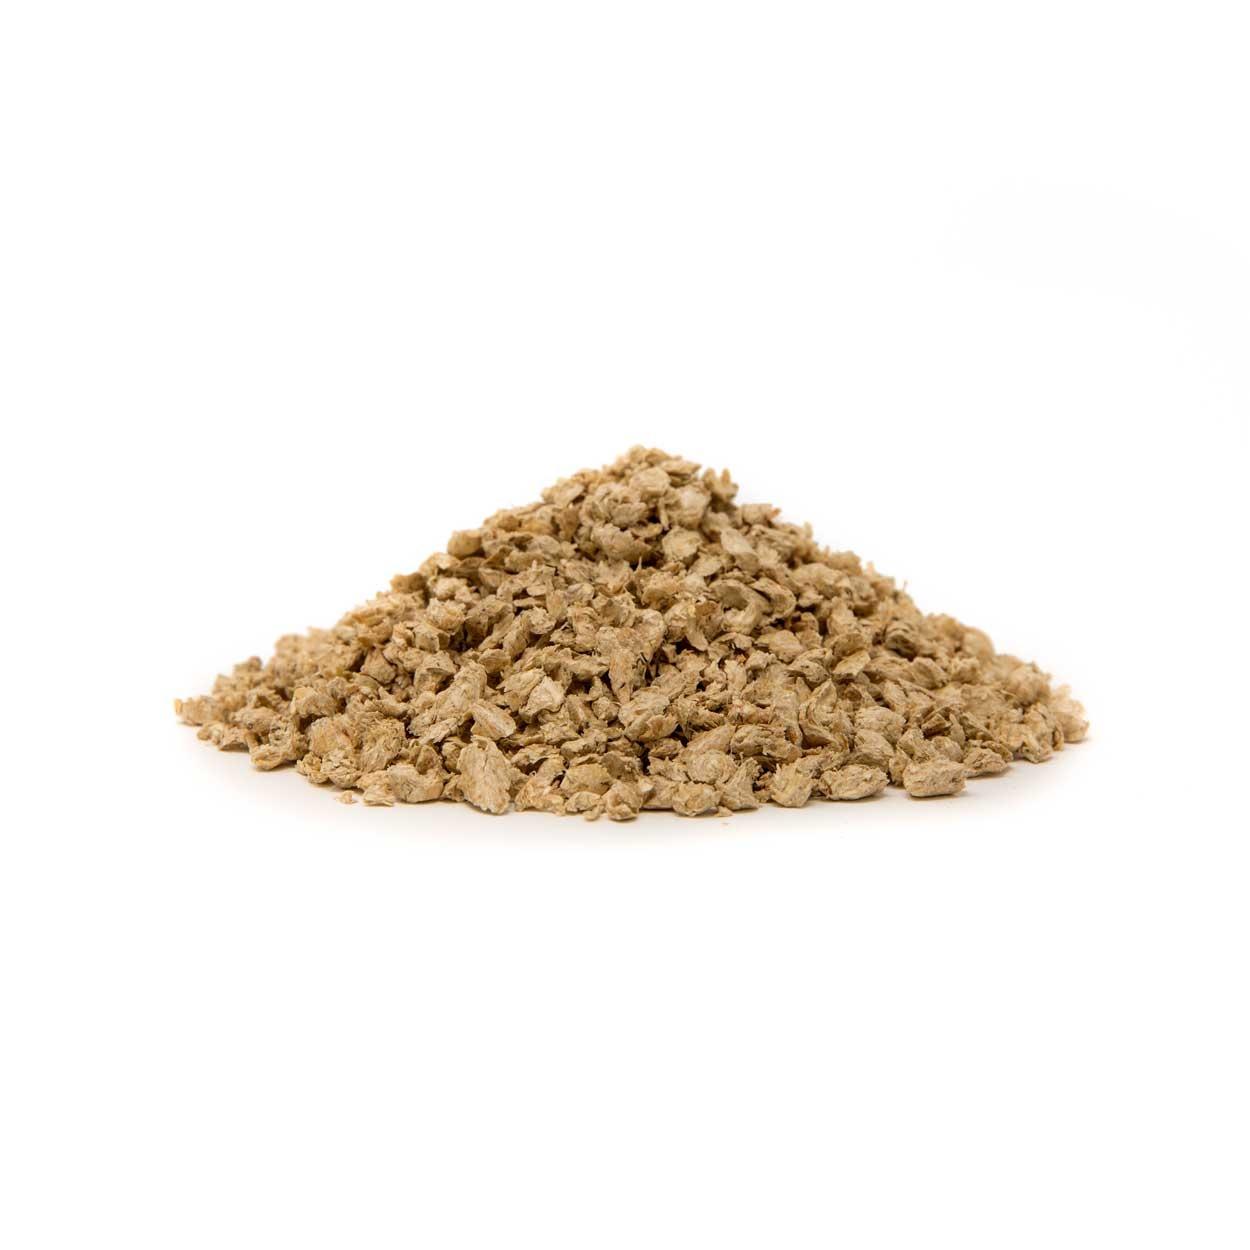 OkoCat OkoCat- Natural Wood Clumping Litter 13.2lb